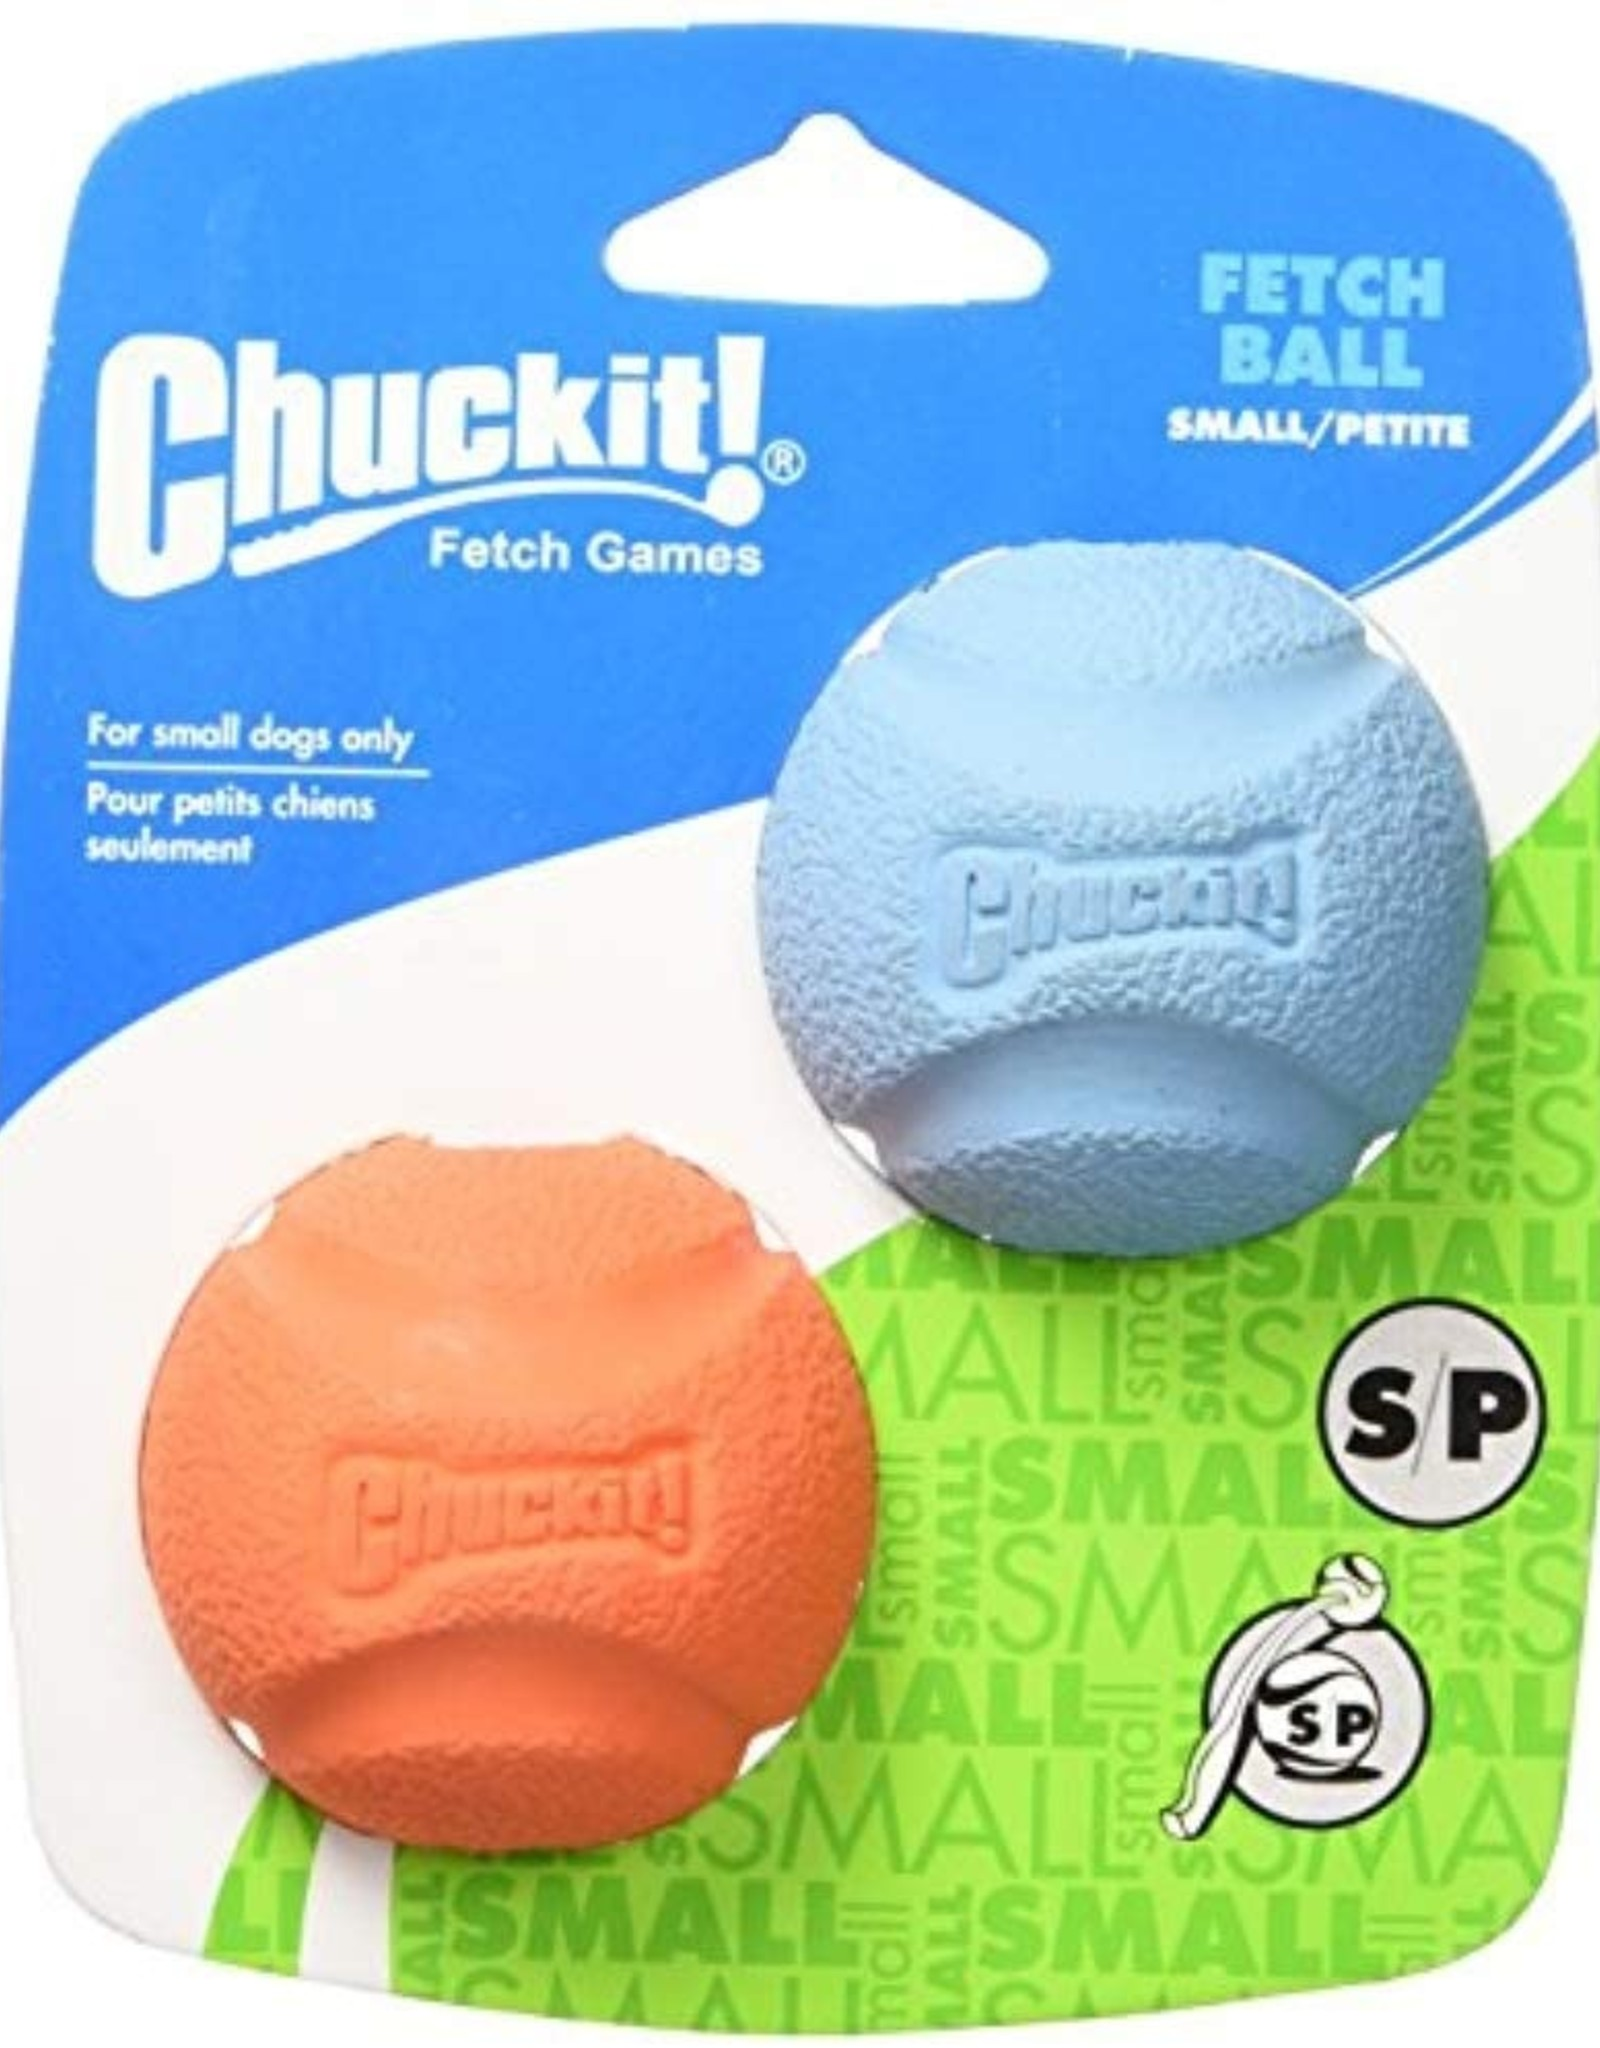 Chuckit! Fetch Ball Small (2 pk)